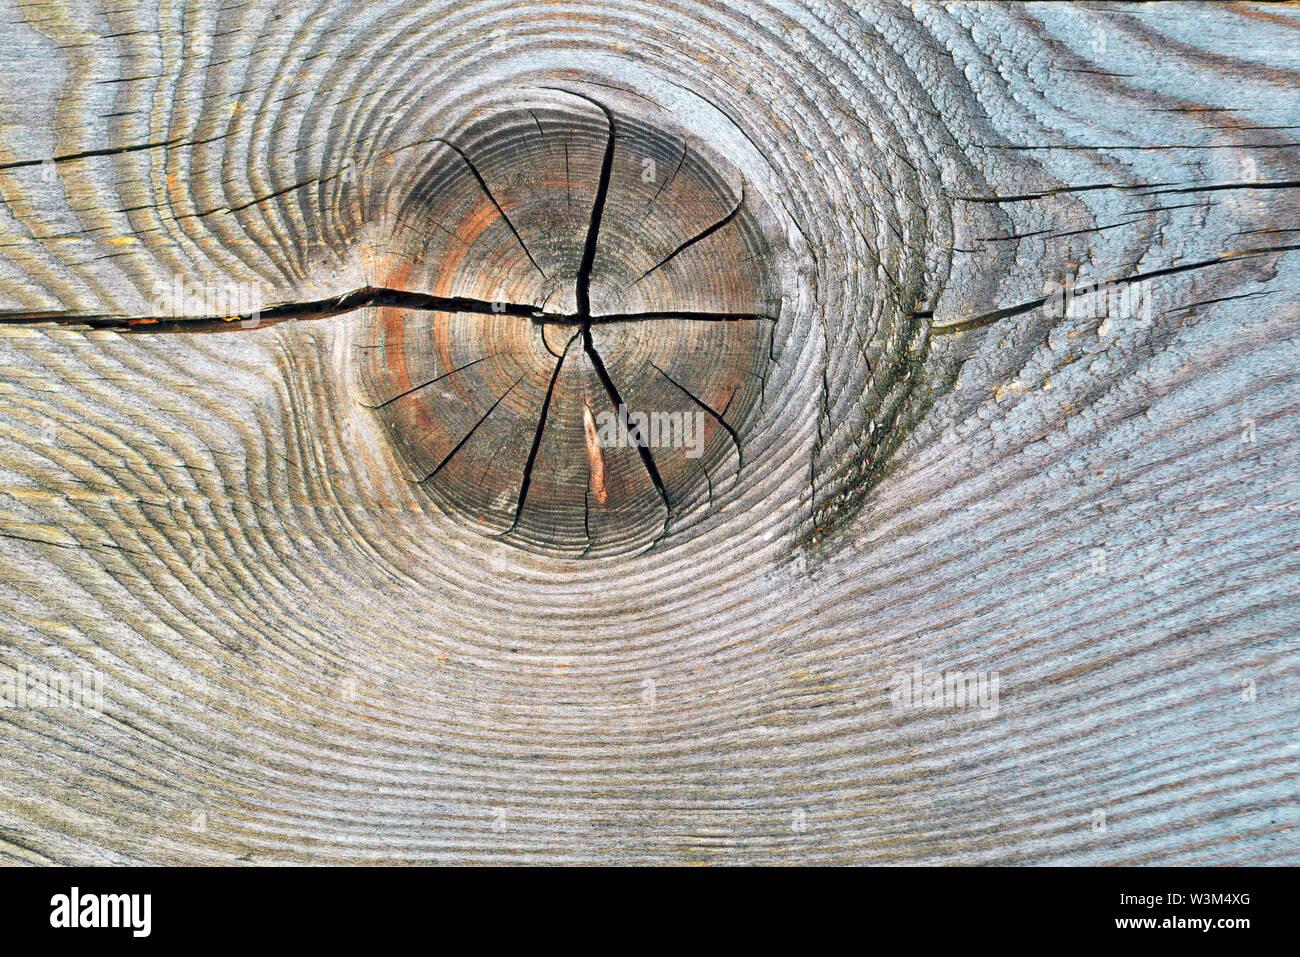 La texture della fetta del vecchio marcio moncone con crepe e gli anelli annuali. Foto Stock